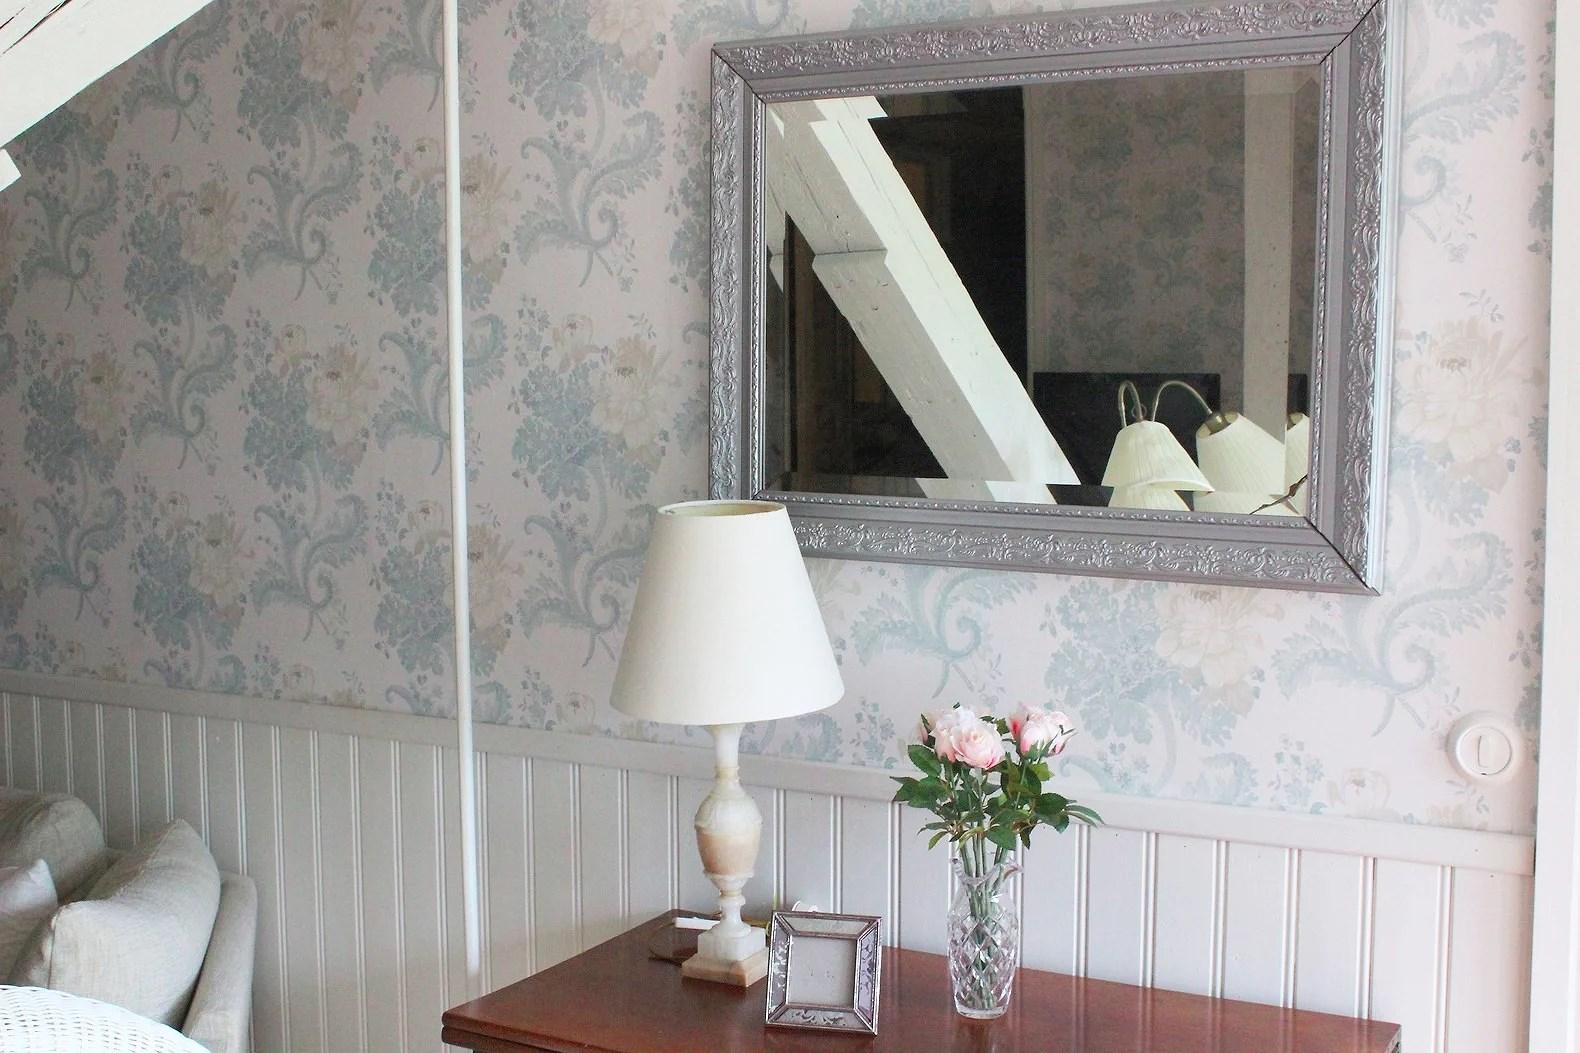 Målar om spegel